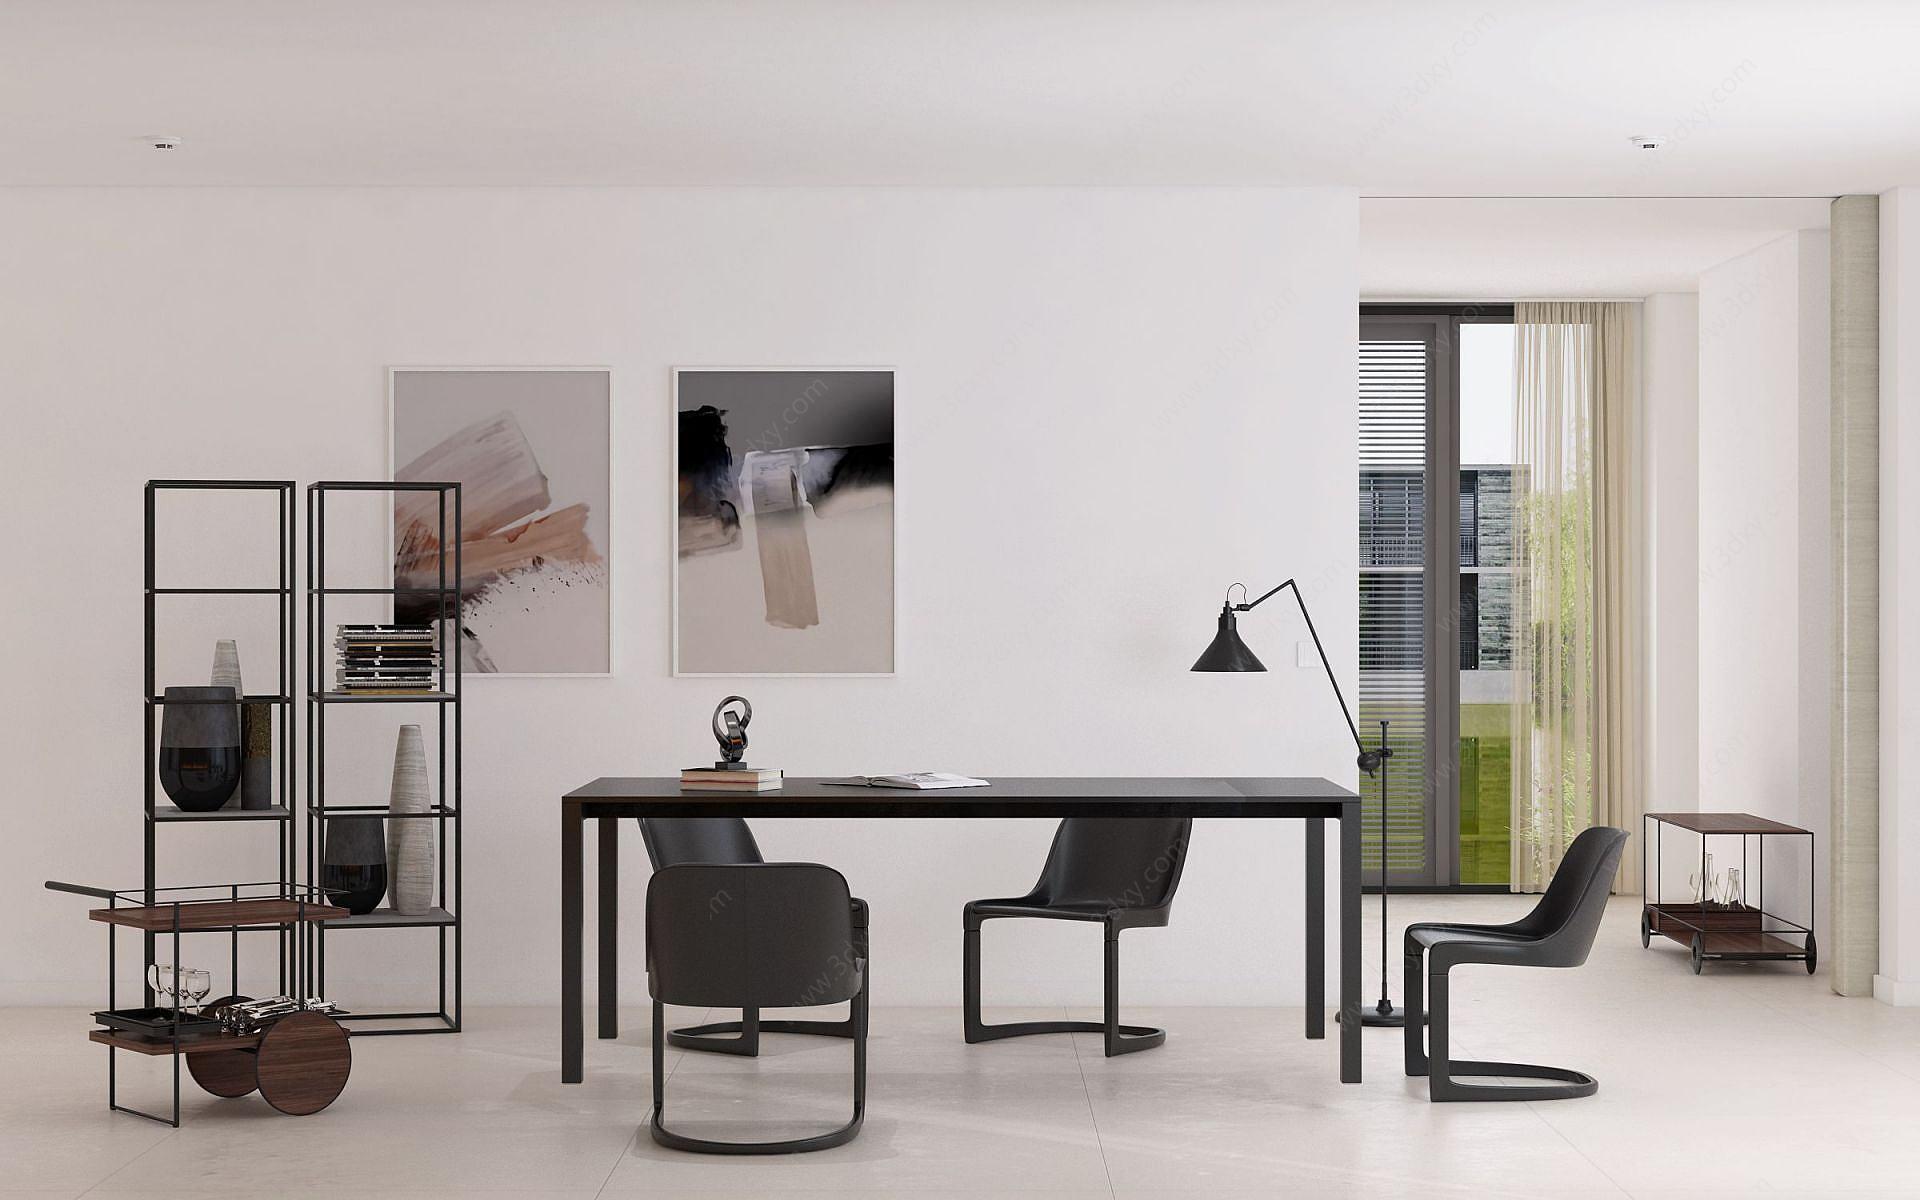 現代餐廳餐桌餐椅裝飾架